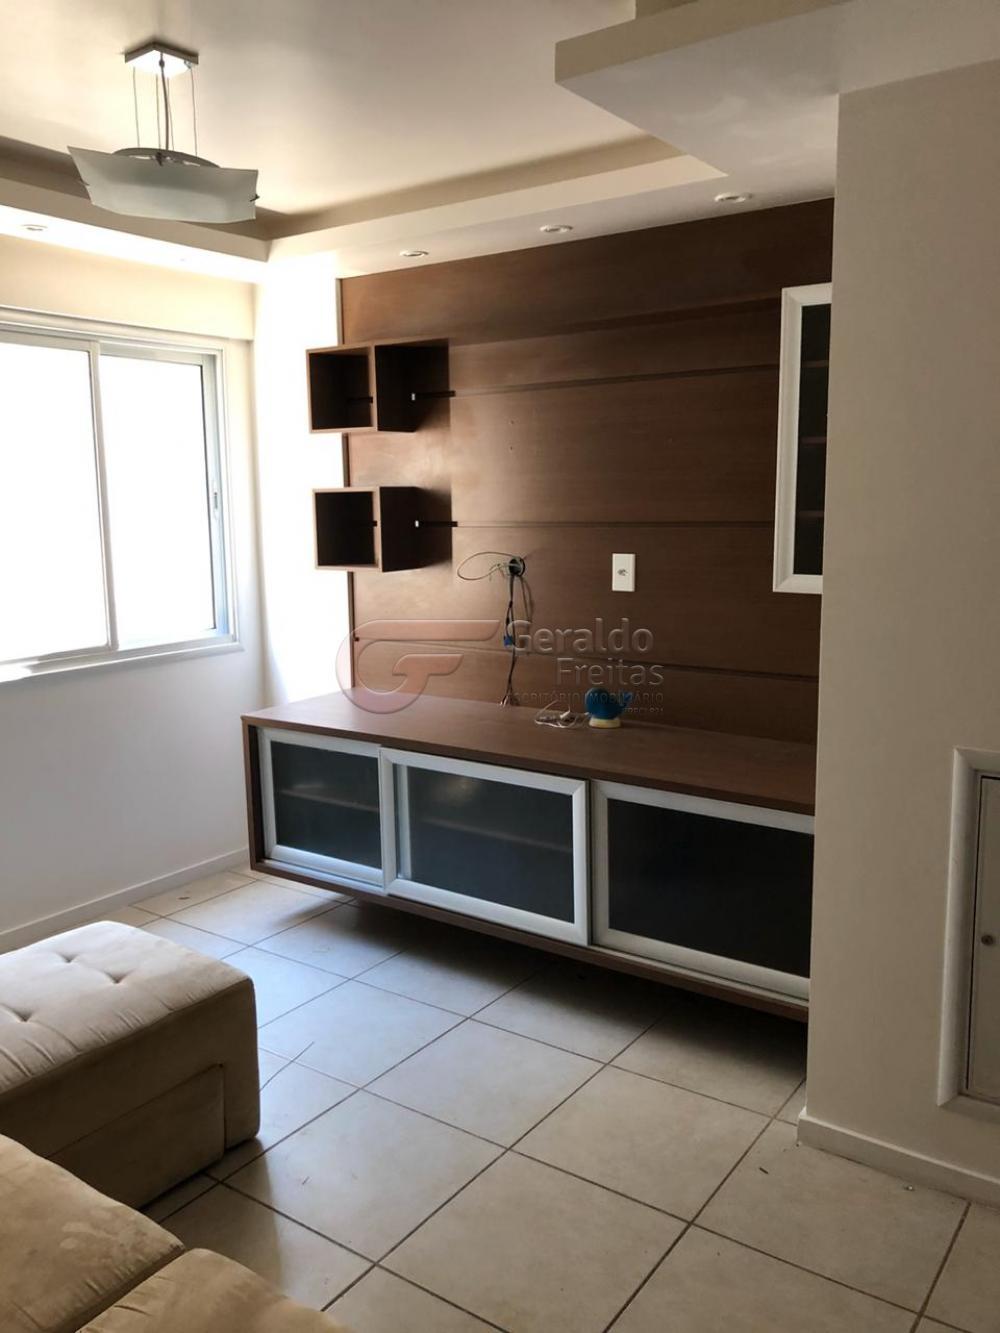 Comprar Apartamentos / Quarto Sala em Maceió apenas R$ 270.000,00 - Foto 1